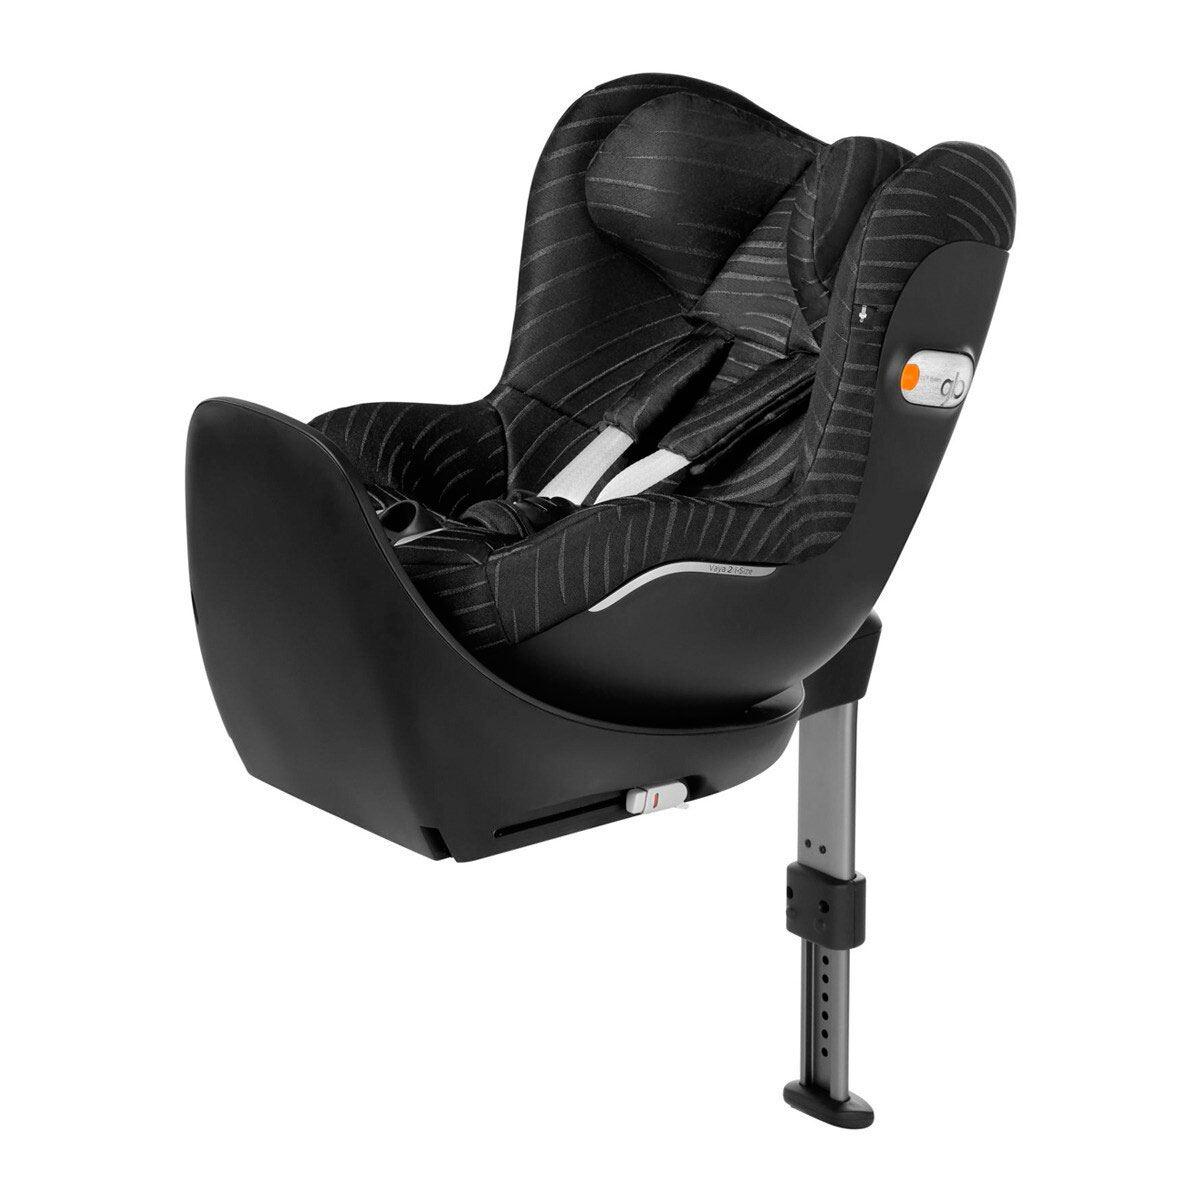 GB Vaya 2 I-size Lux Black